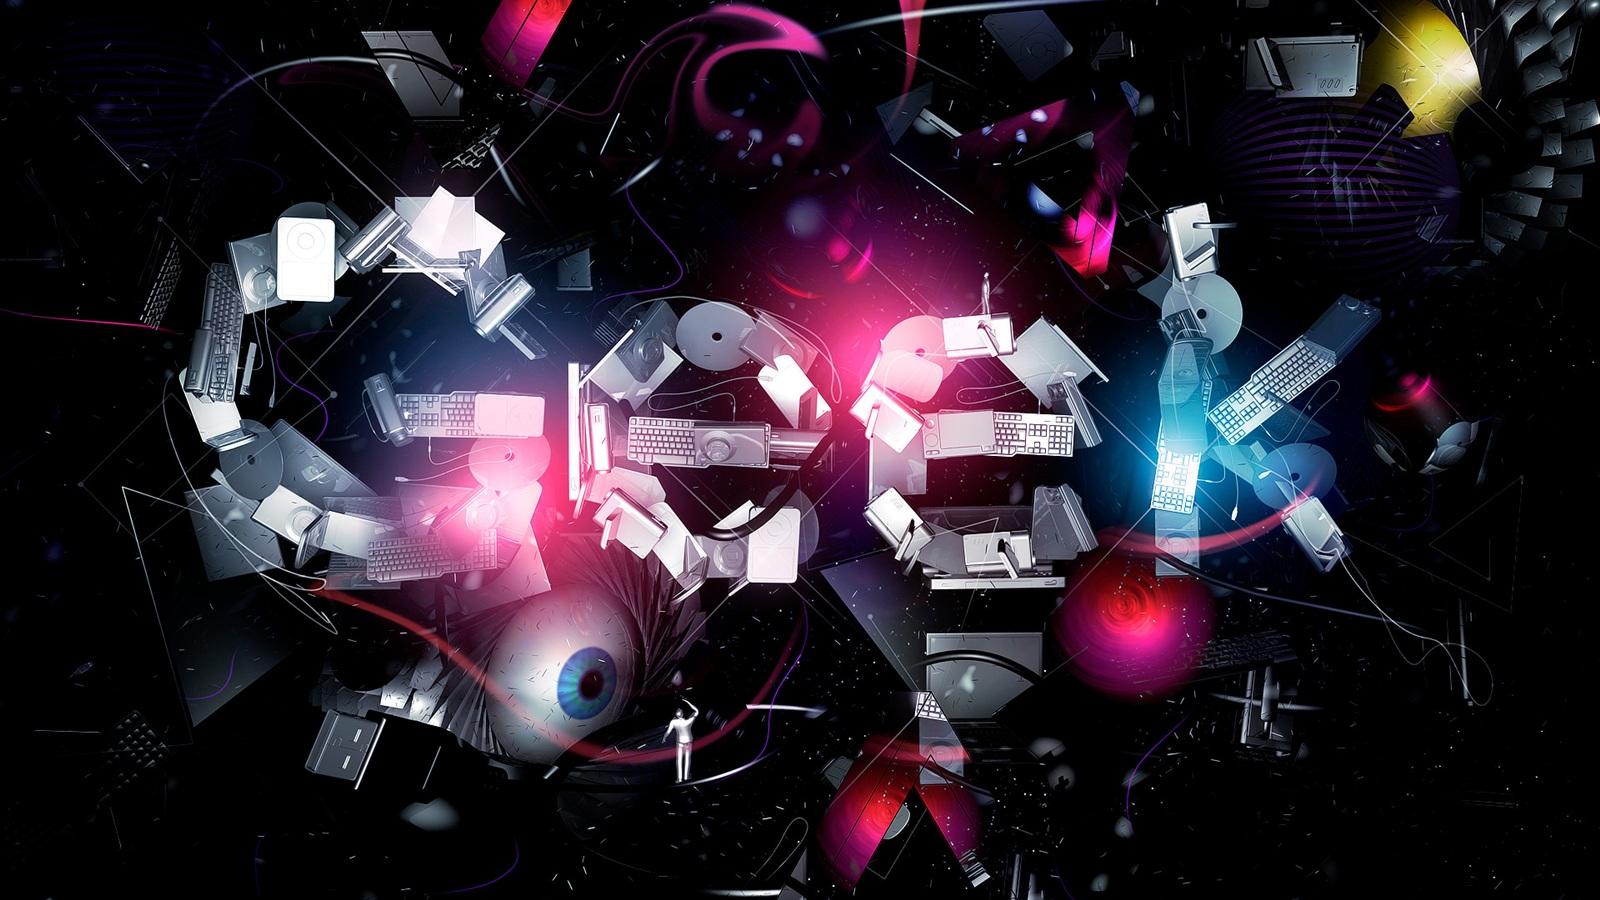 Wallpaper Geek Design : Geek hd wallpaper resolution download